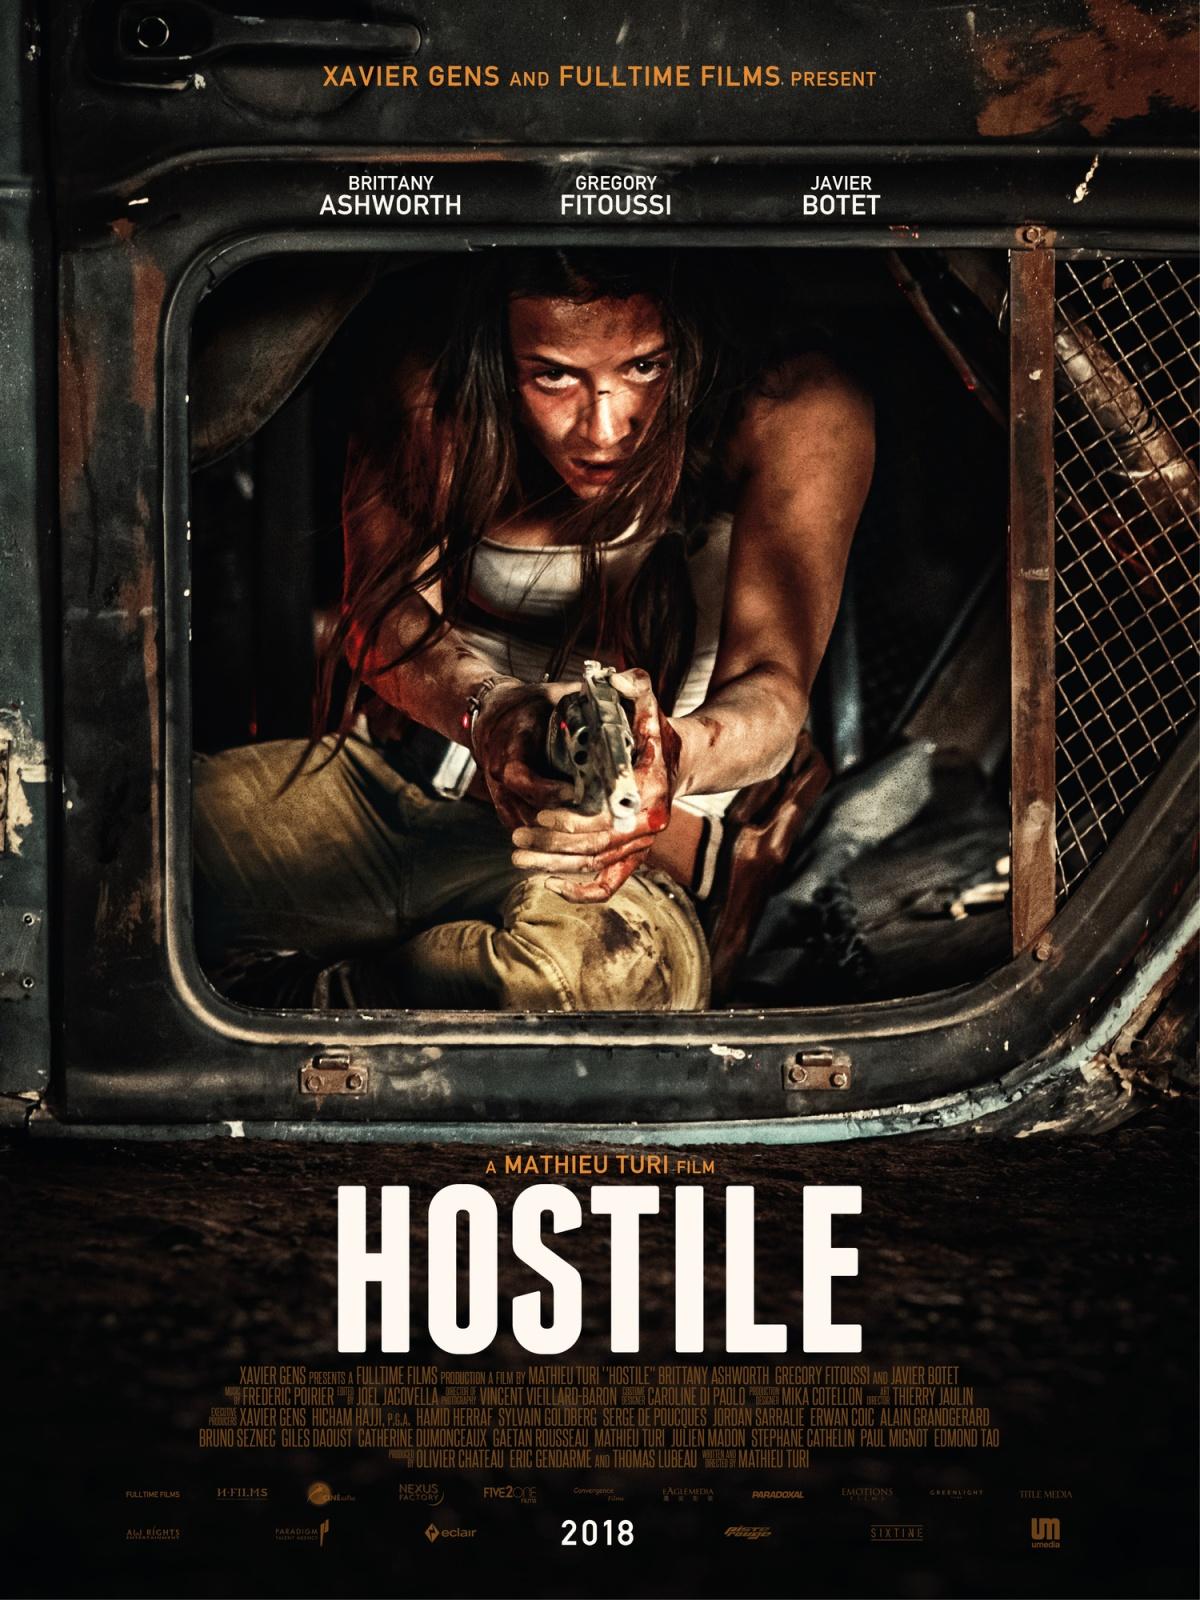 Hostile (2018, dir. MathieuTuri)